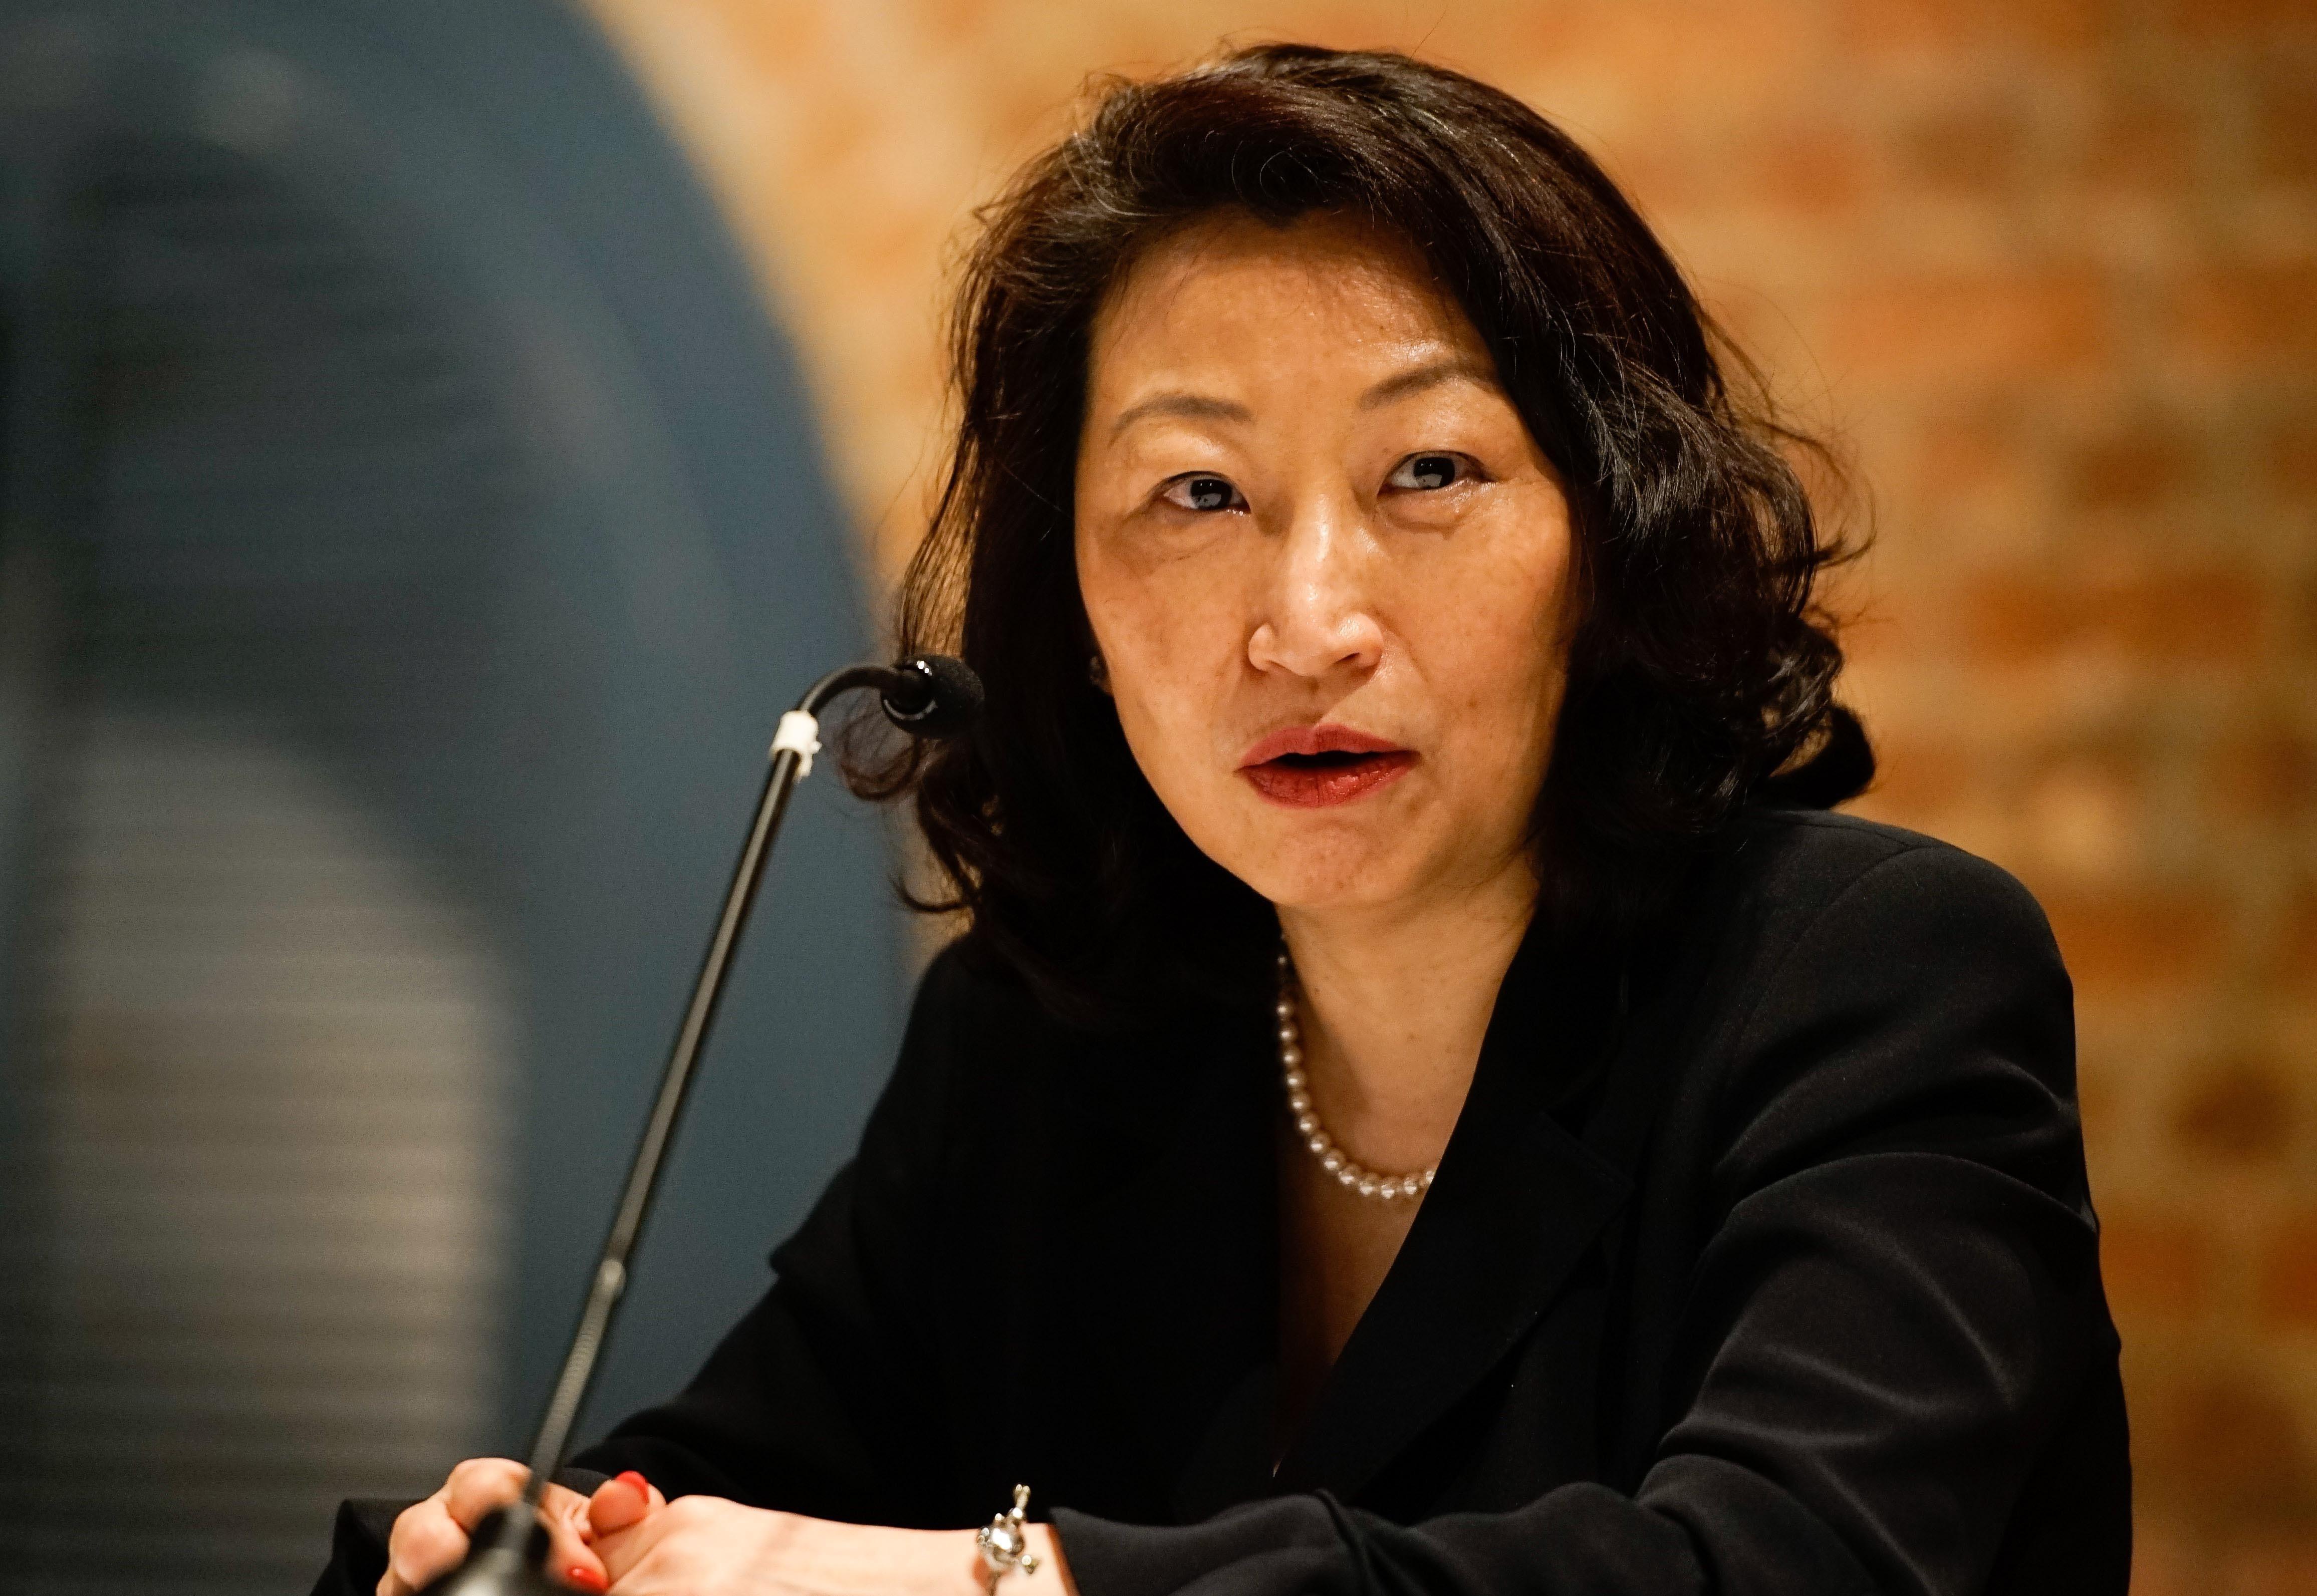 香港律政司长:干预香港事务有违国际法